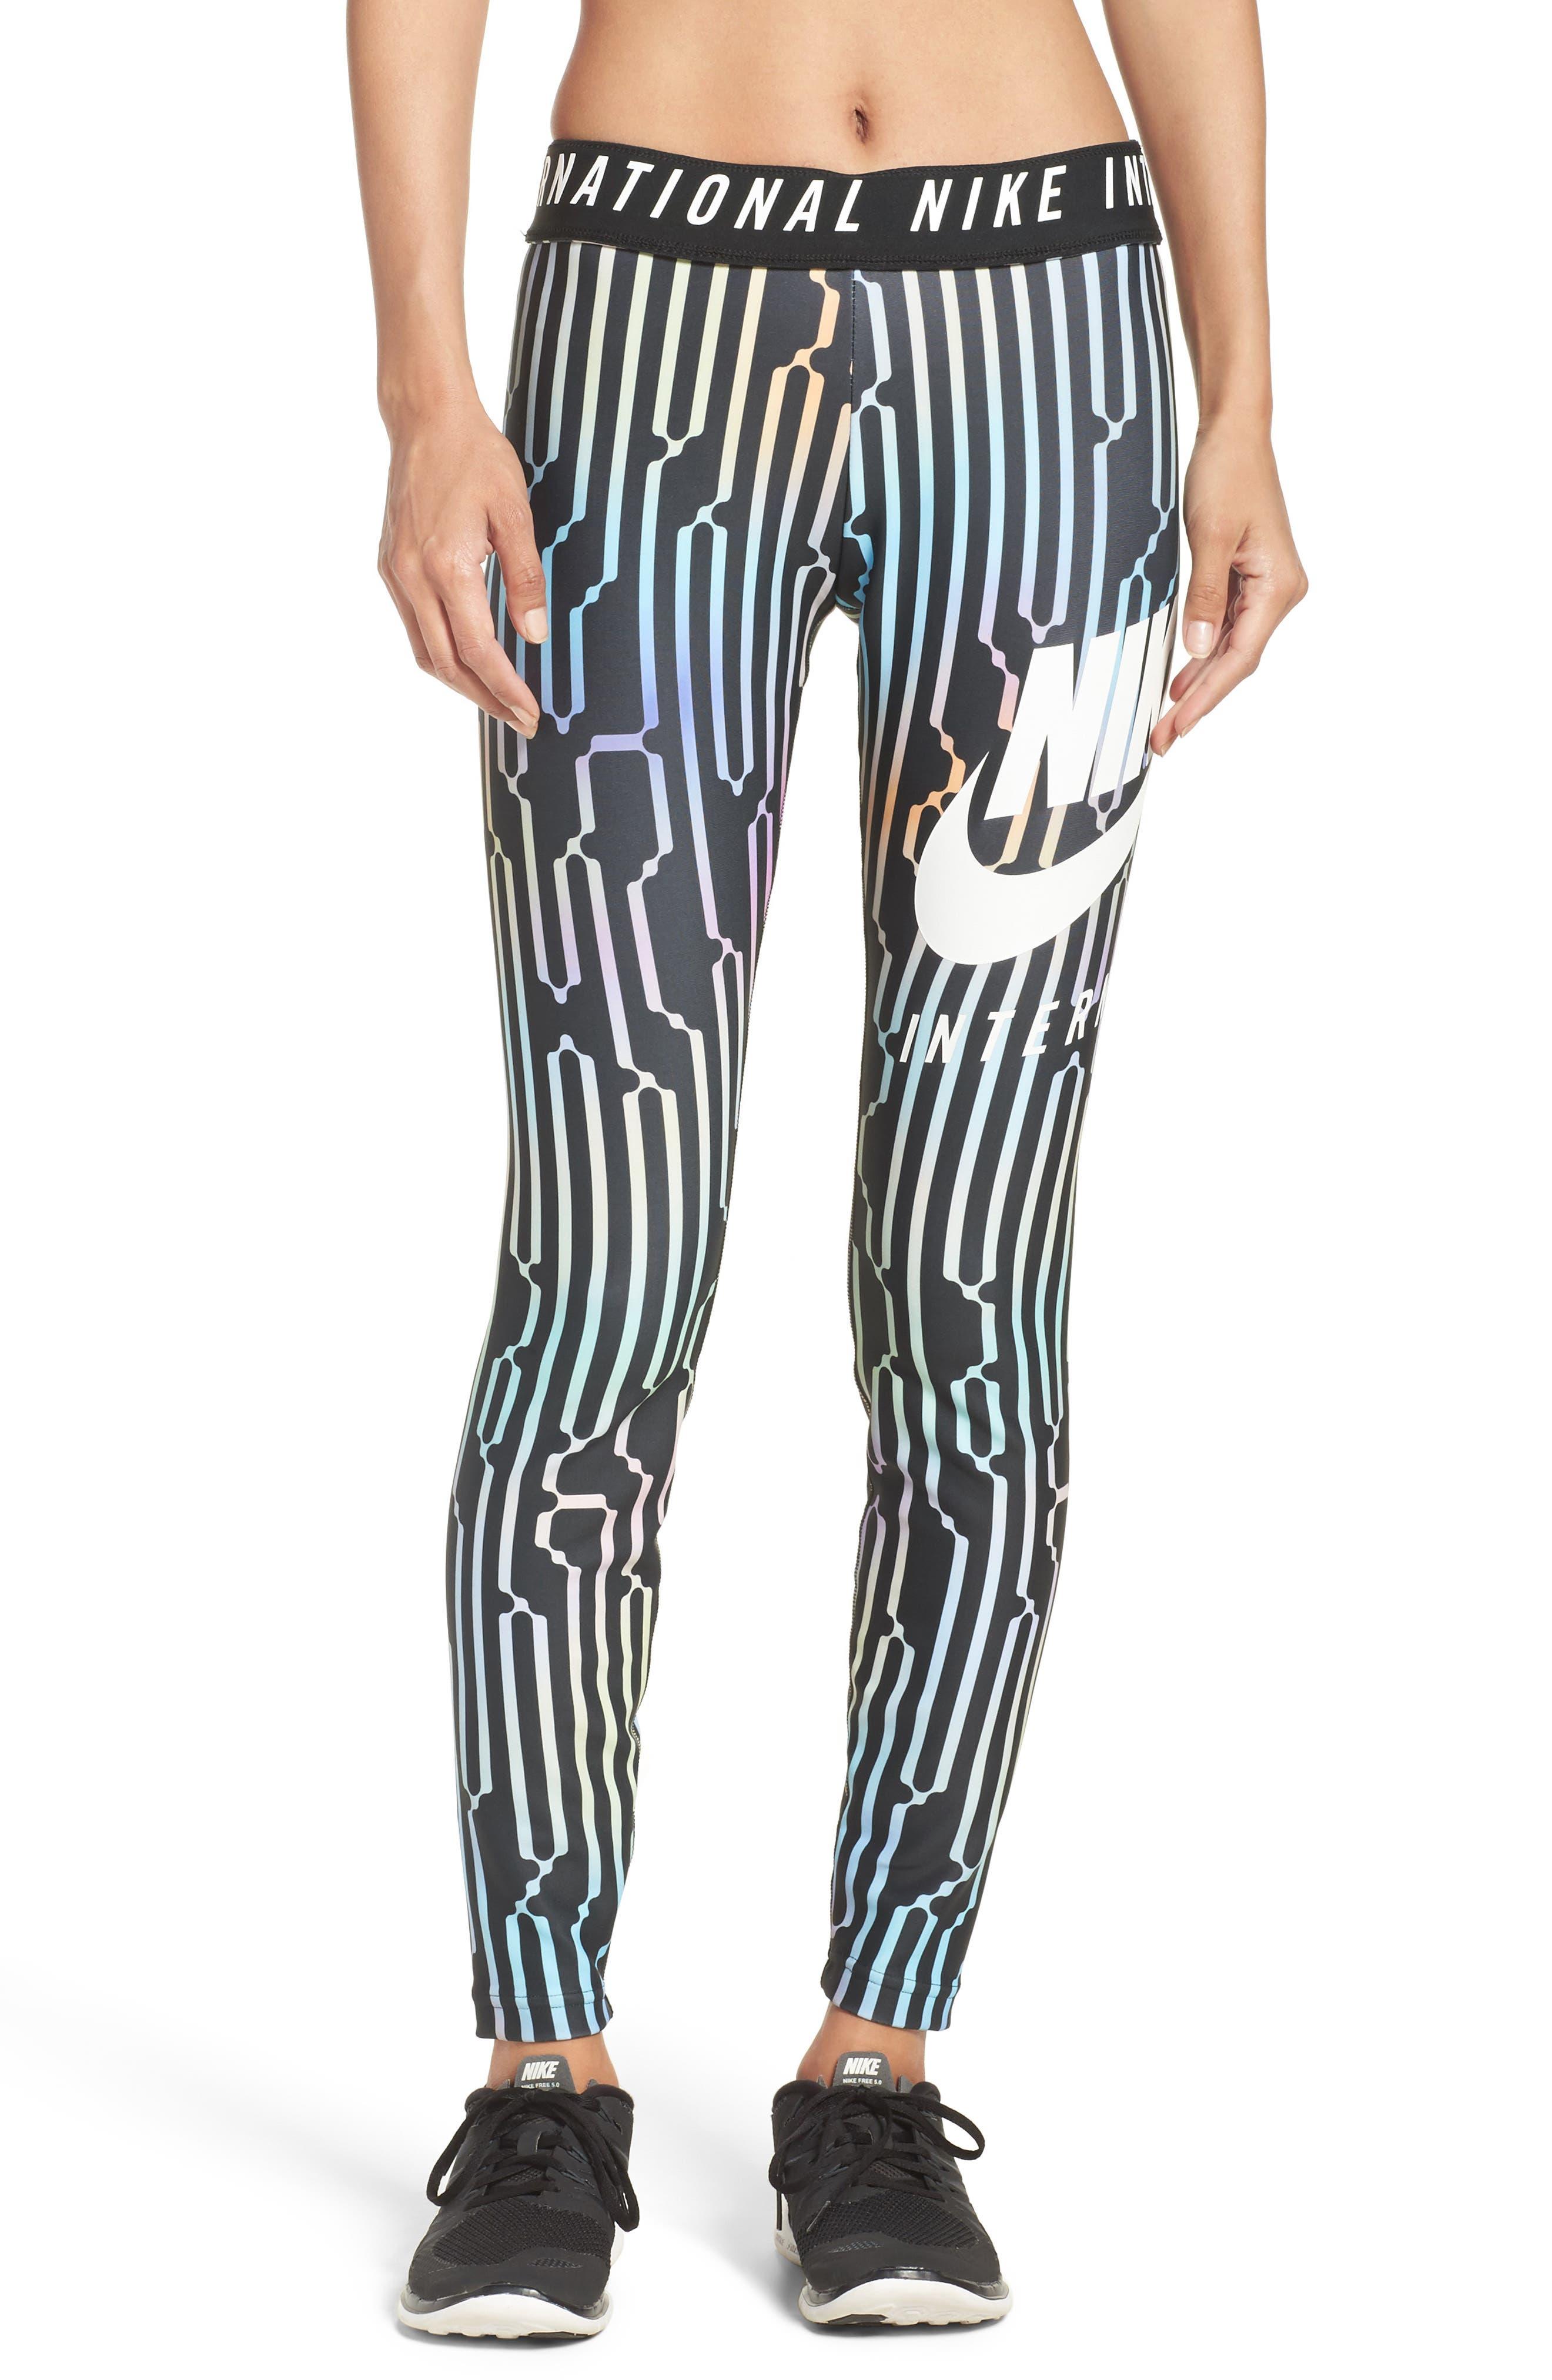 International Leggings,                         Main,                         color, Black/ White